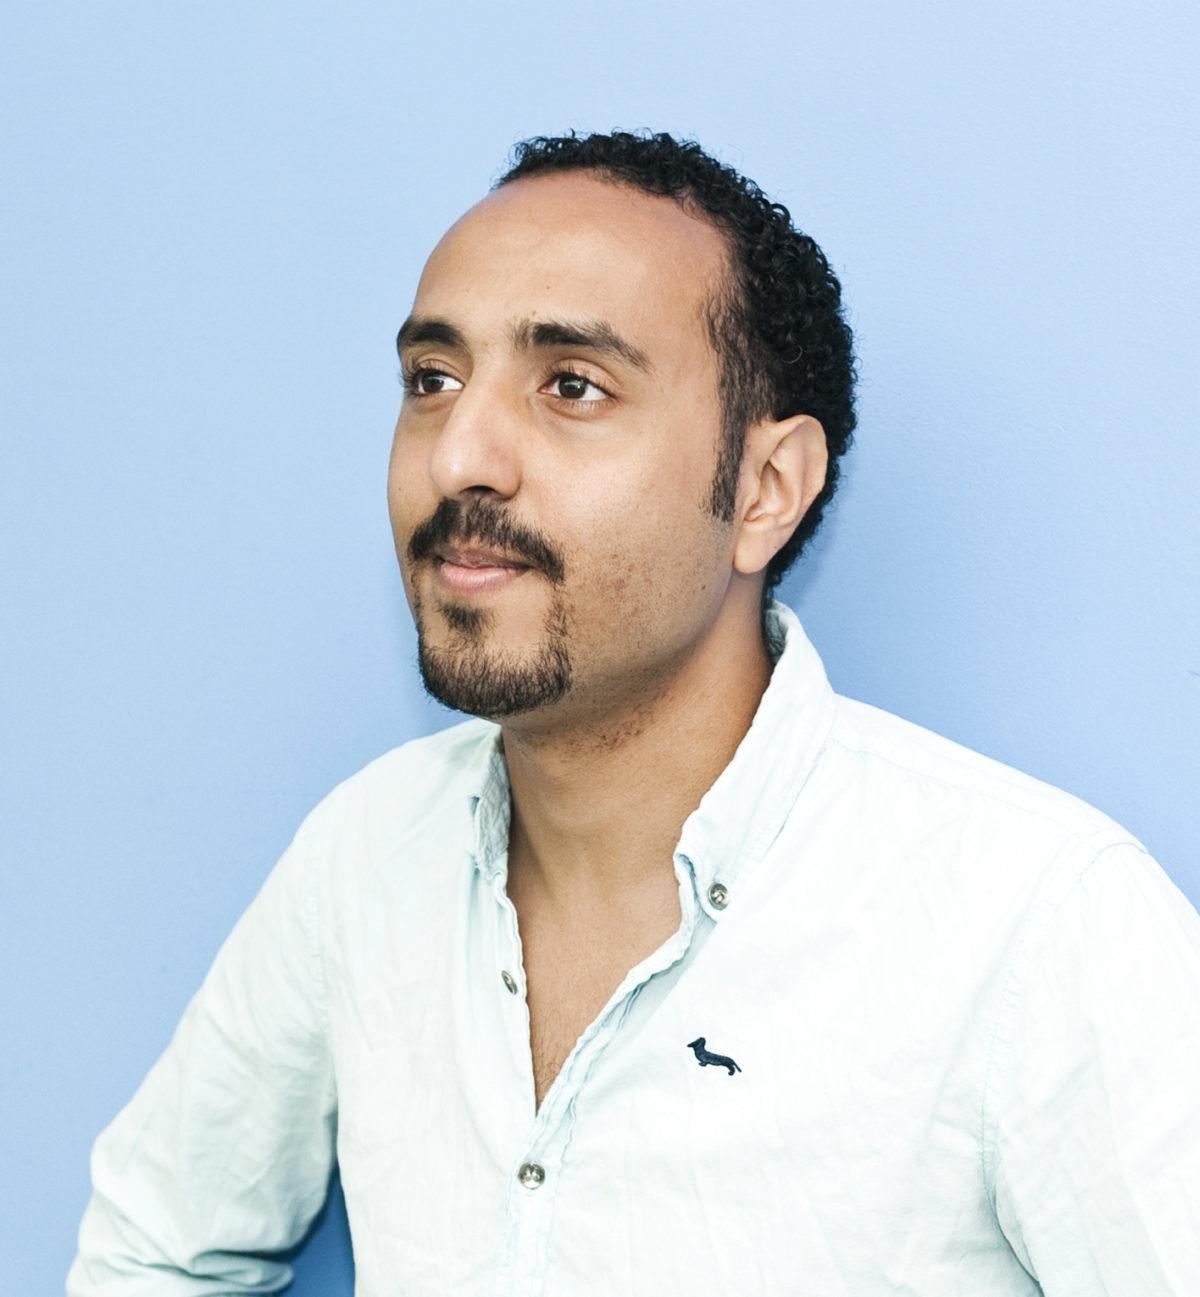 Shady Abdulwahab